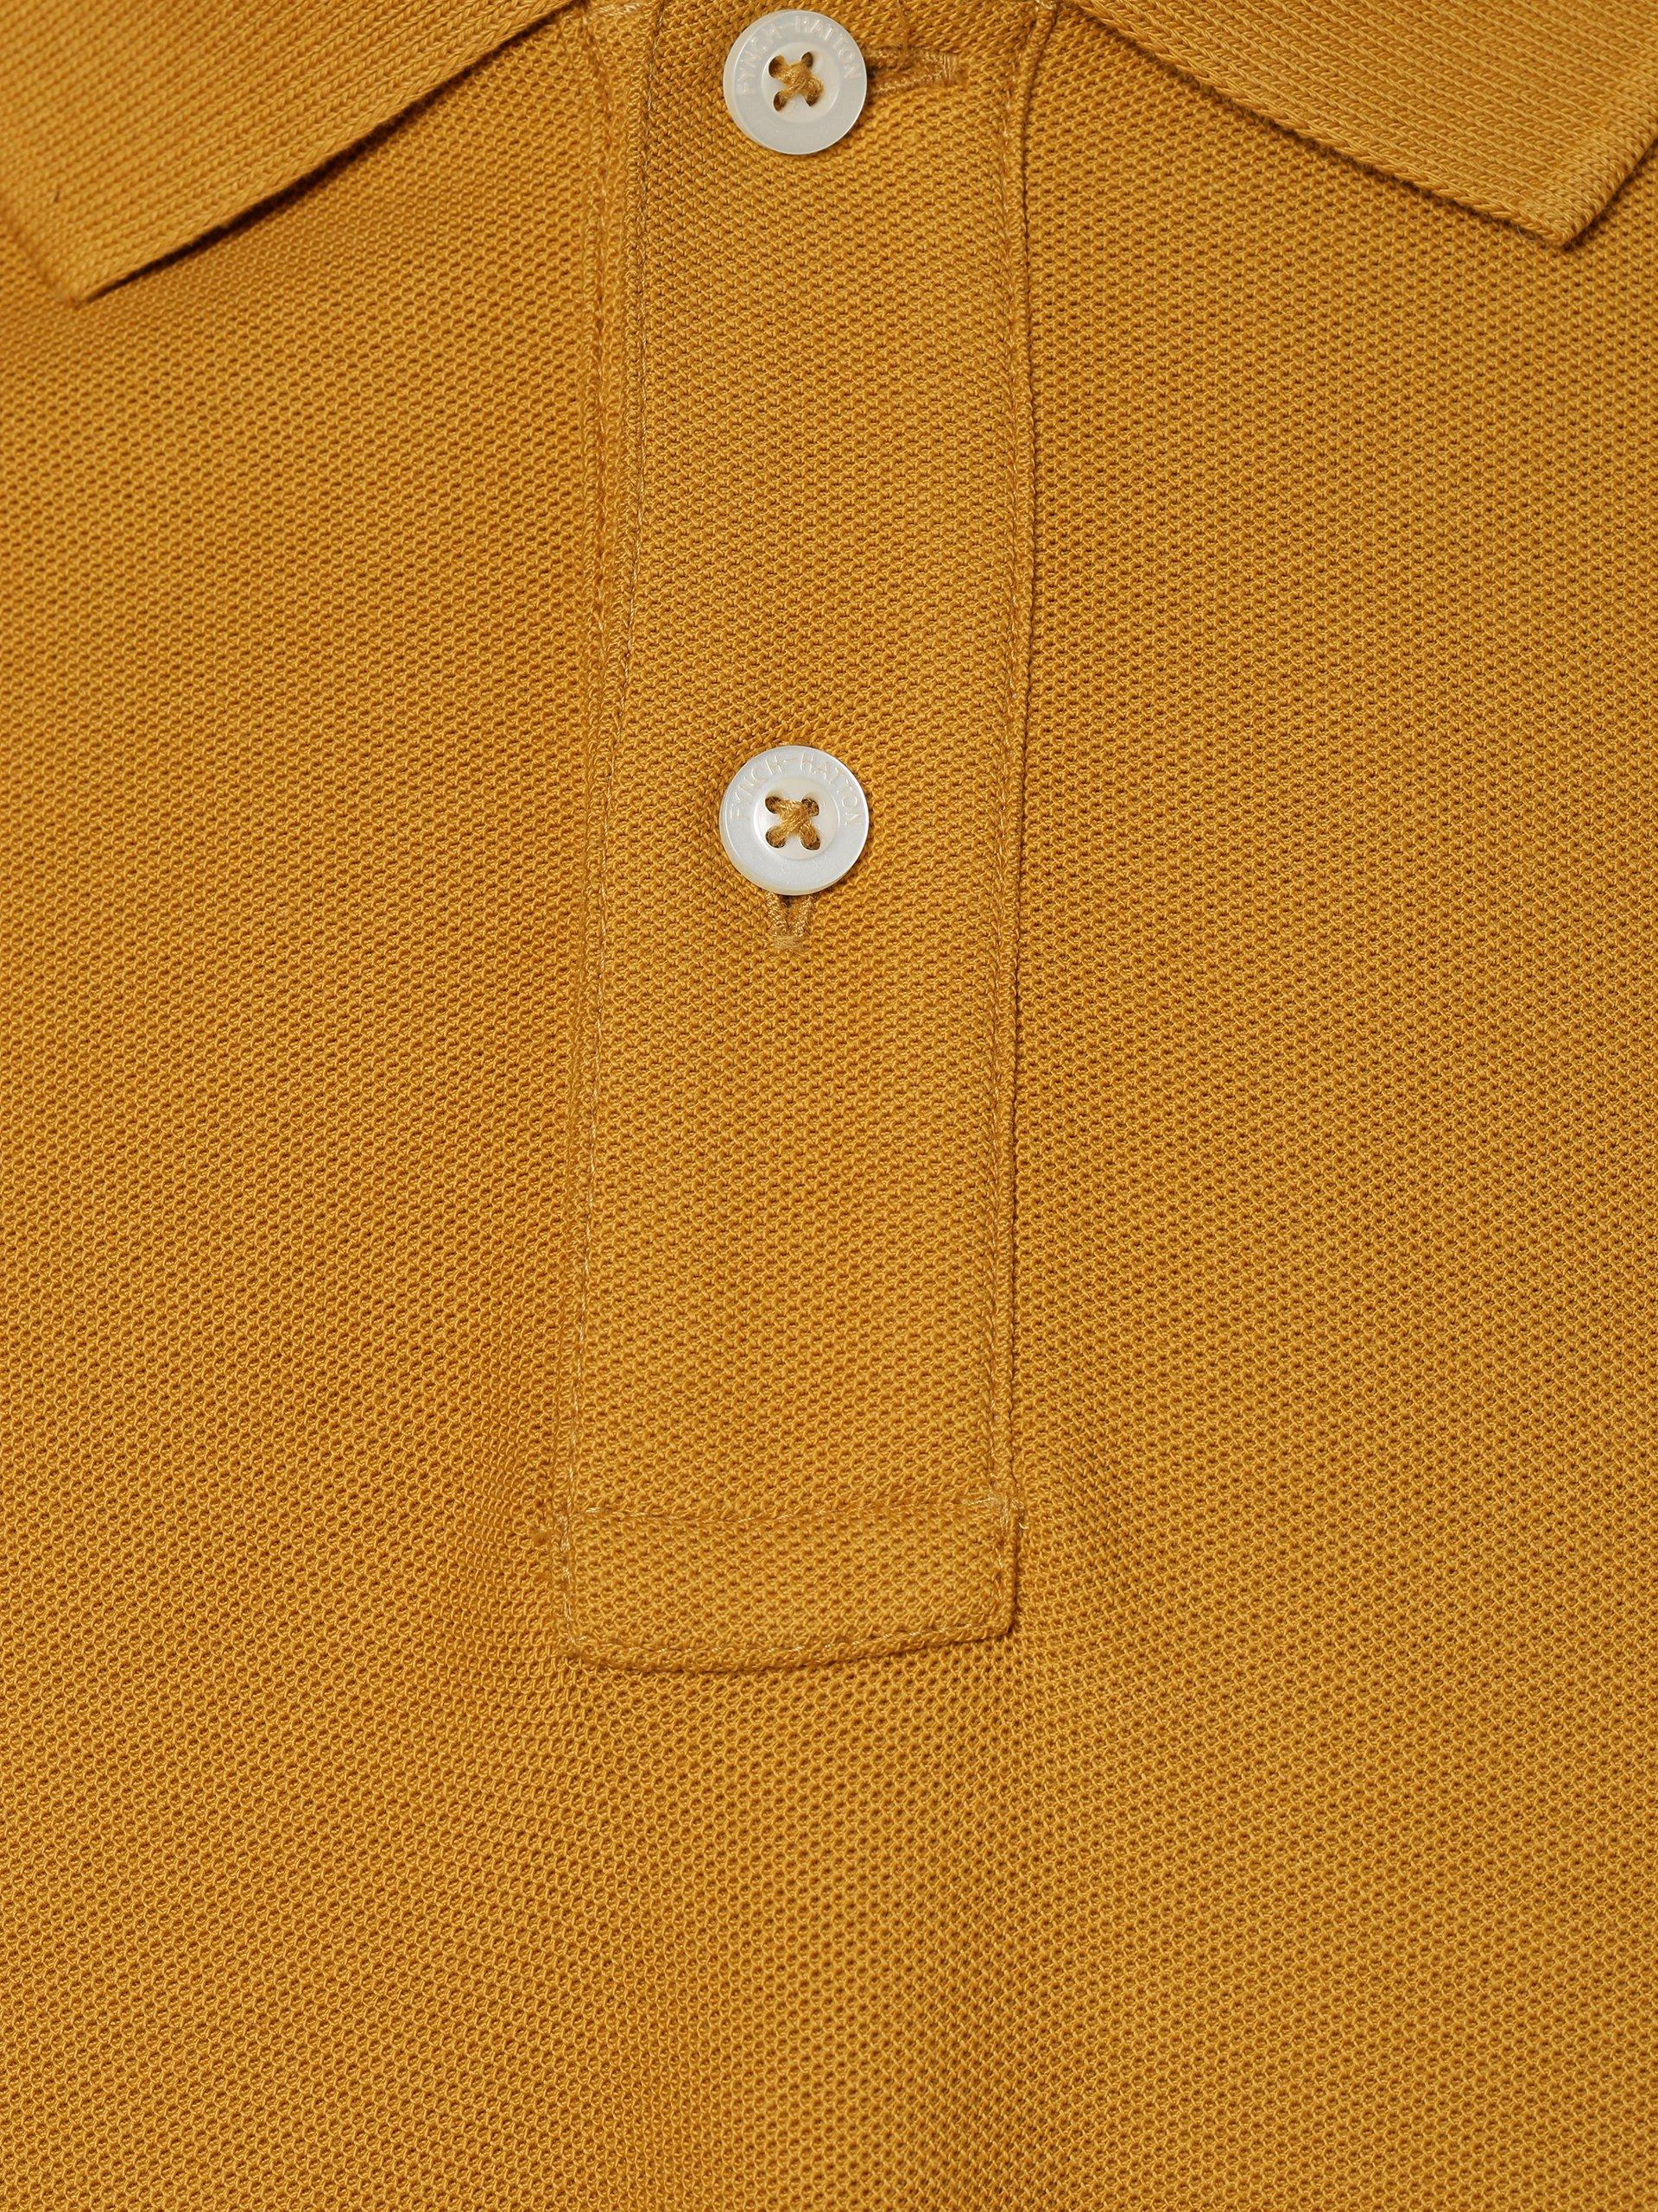 Fynch Hatton Herren Poloshirt